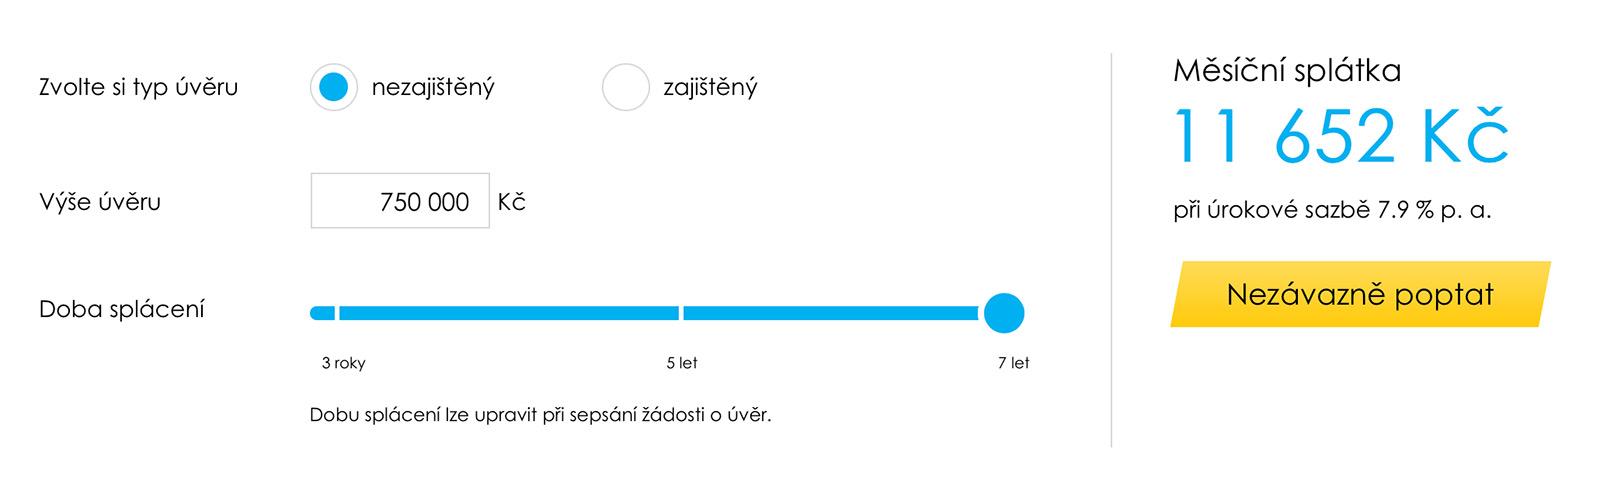 Výpočet na webu www.equabank.cz